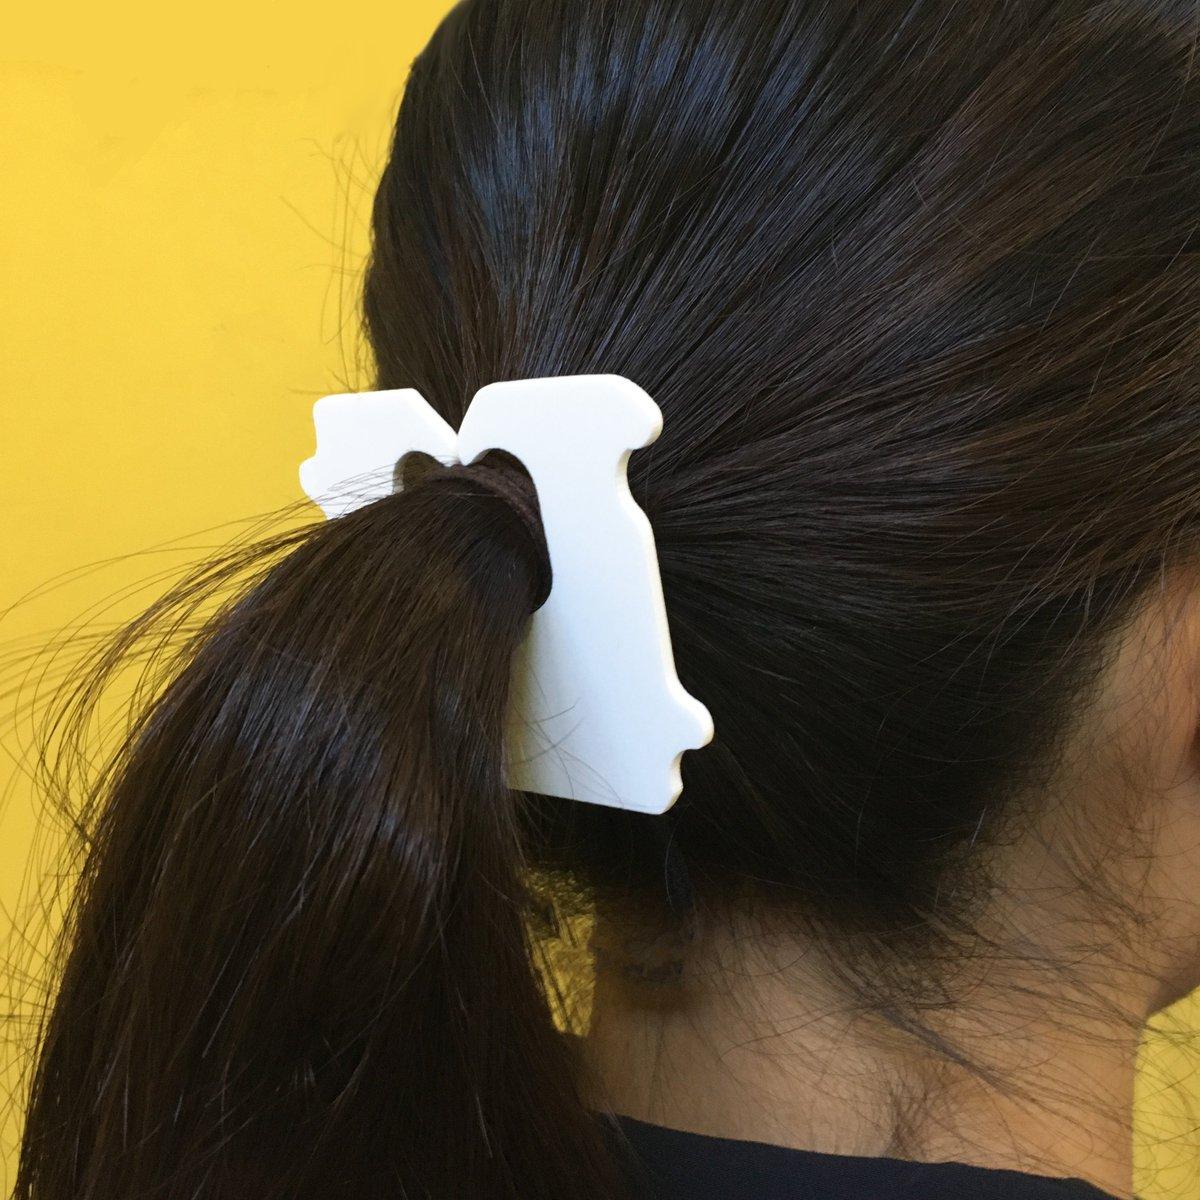 [デザインその他]簡単にパンの袋になれる髪留めを作りました[2016年8月28日]